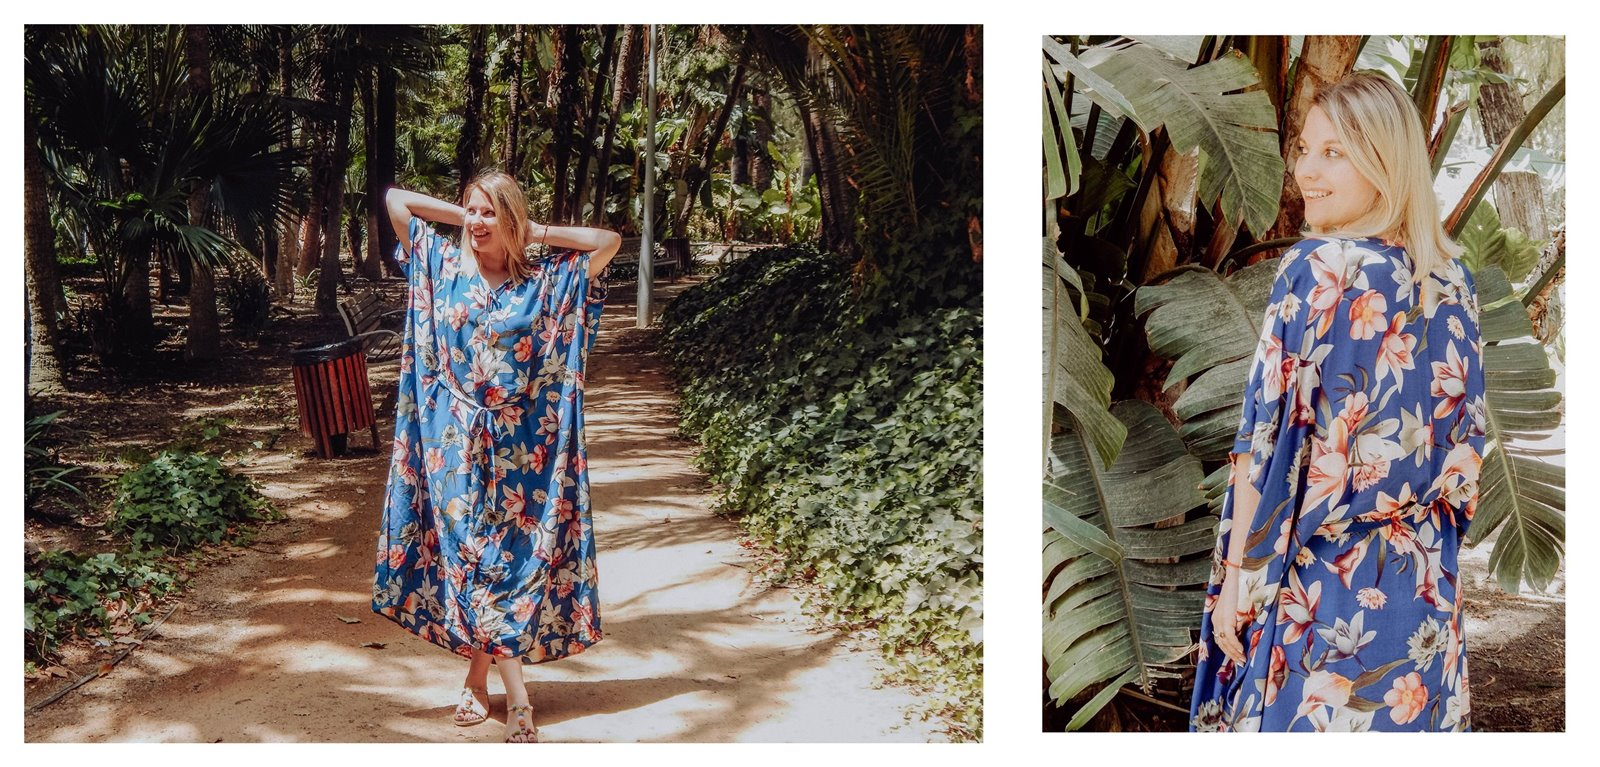 3a polskie młode marki firmy godne uwagi moda modowe marki łódź blog blogerka blogerzy z łodzi fashion zero waste jak żyć ubrania moda stylizacje modnapolka inspiracje sukienka maxi nalu bodywear instagram style melody